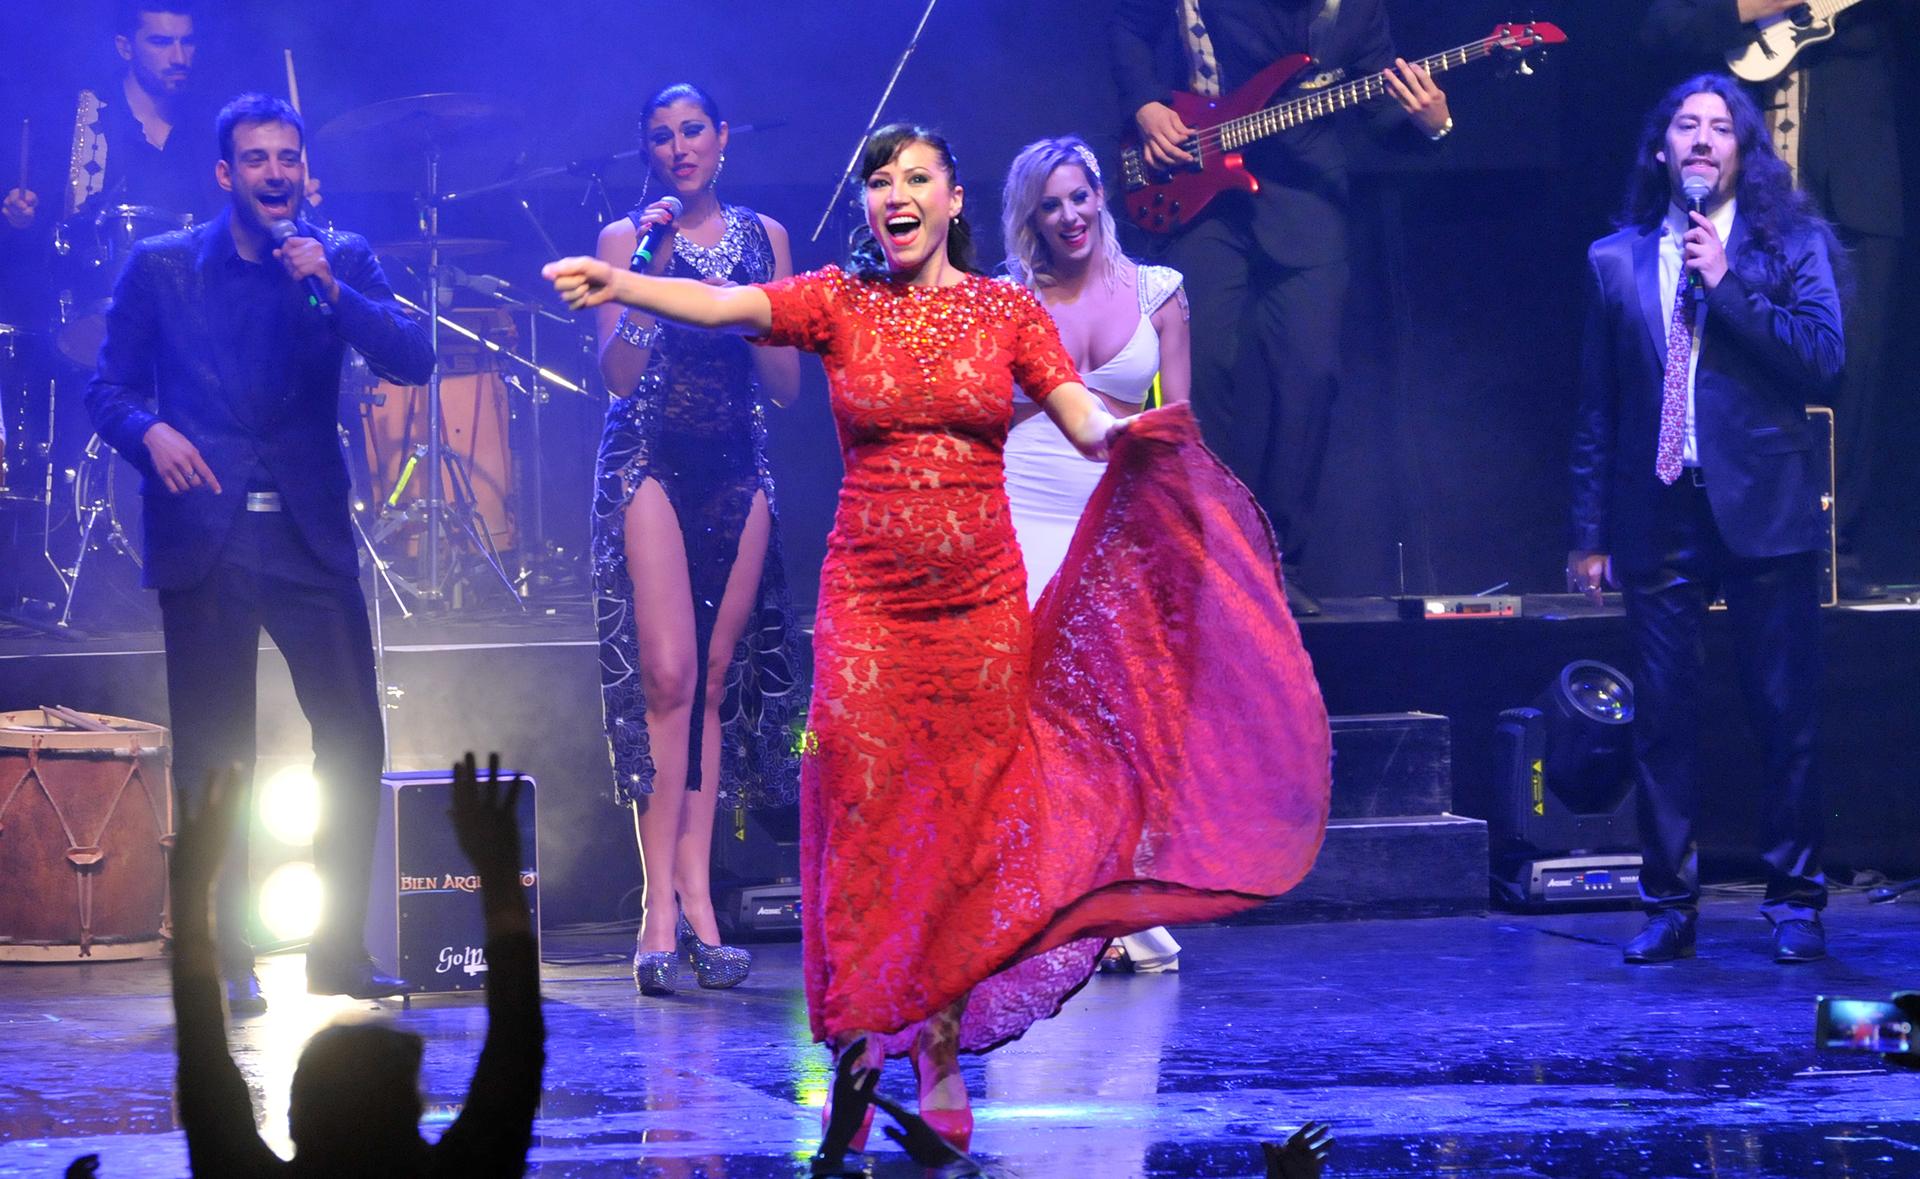 """Adabel Guerrero en el estreno de """"Bien Argentino"""". el espectáculo que se estrenó en el teatro Ópera. También participan Lourdes Sánchez, Noelia Marzol, Fernando Bertona, entre otros (Teleshow)"""